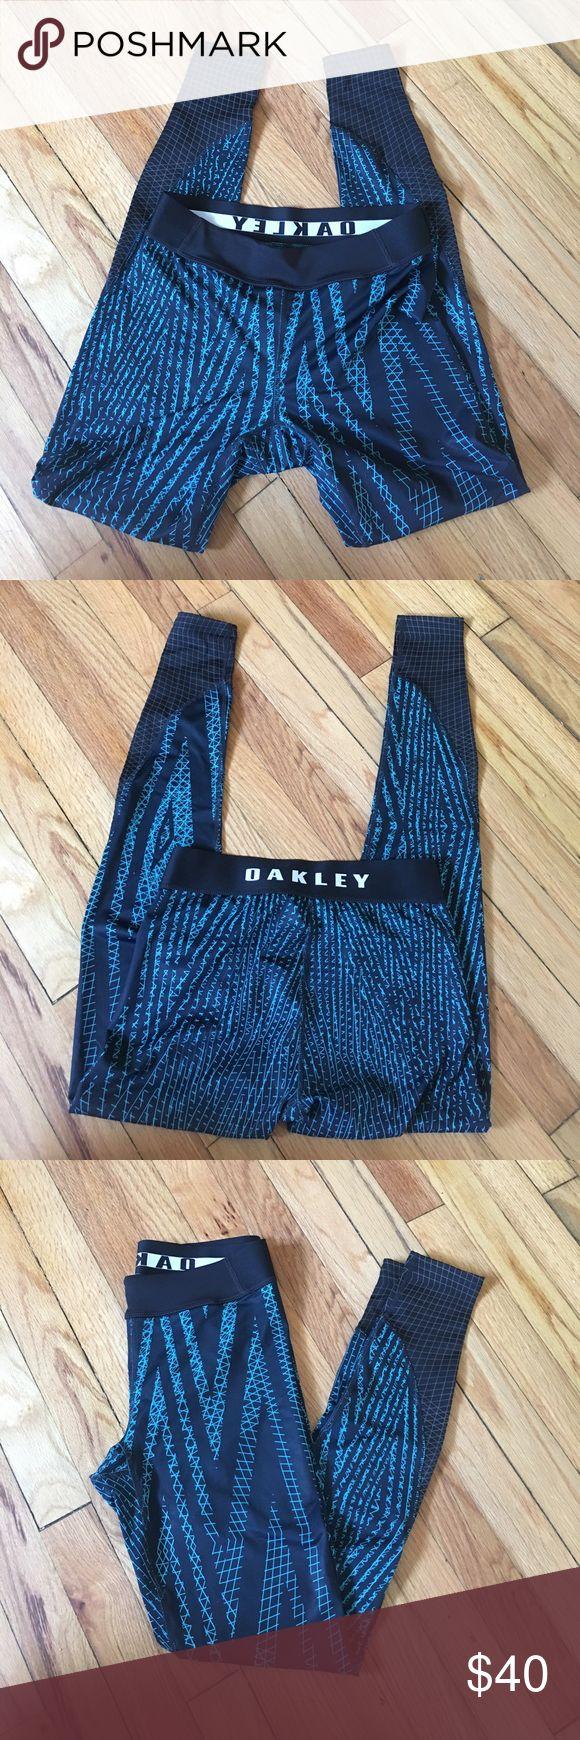 Oakley Women's Training Tights XS Oakley women's training tights. EUC. No signs of wear or tear. No pilling. Super durable spandex. Higher rise. Flat seam waistband. Size is xs Oakley Pants Leggings